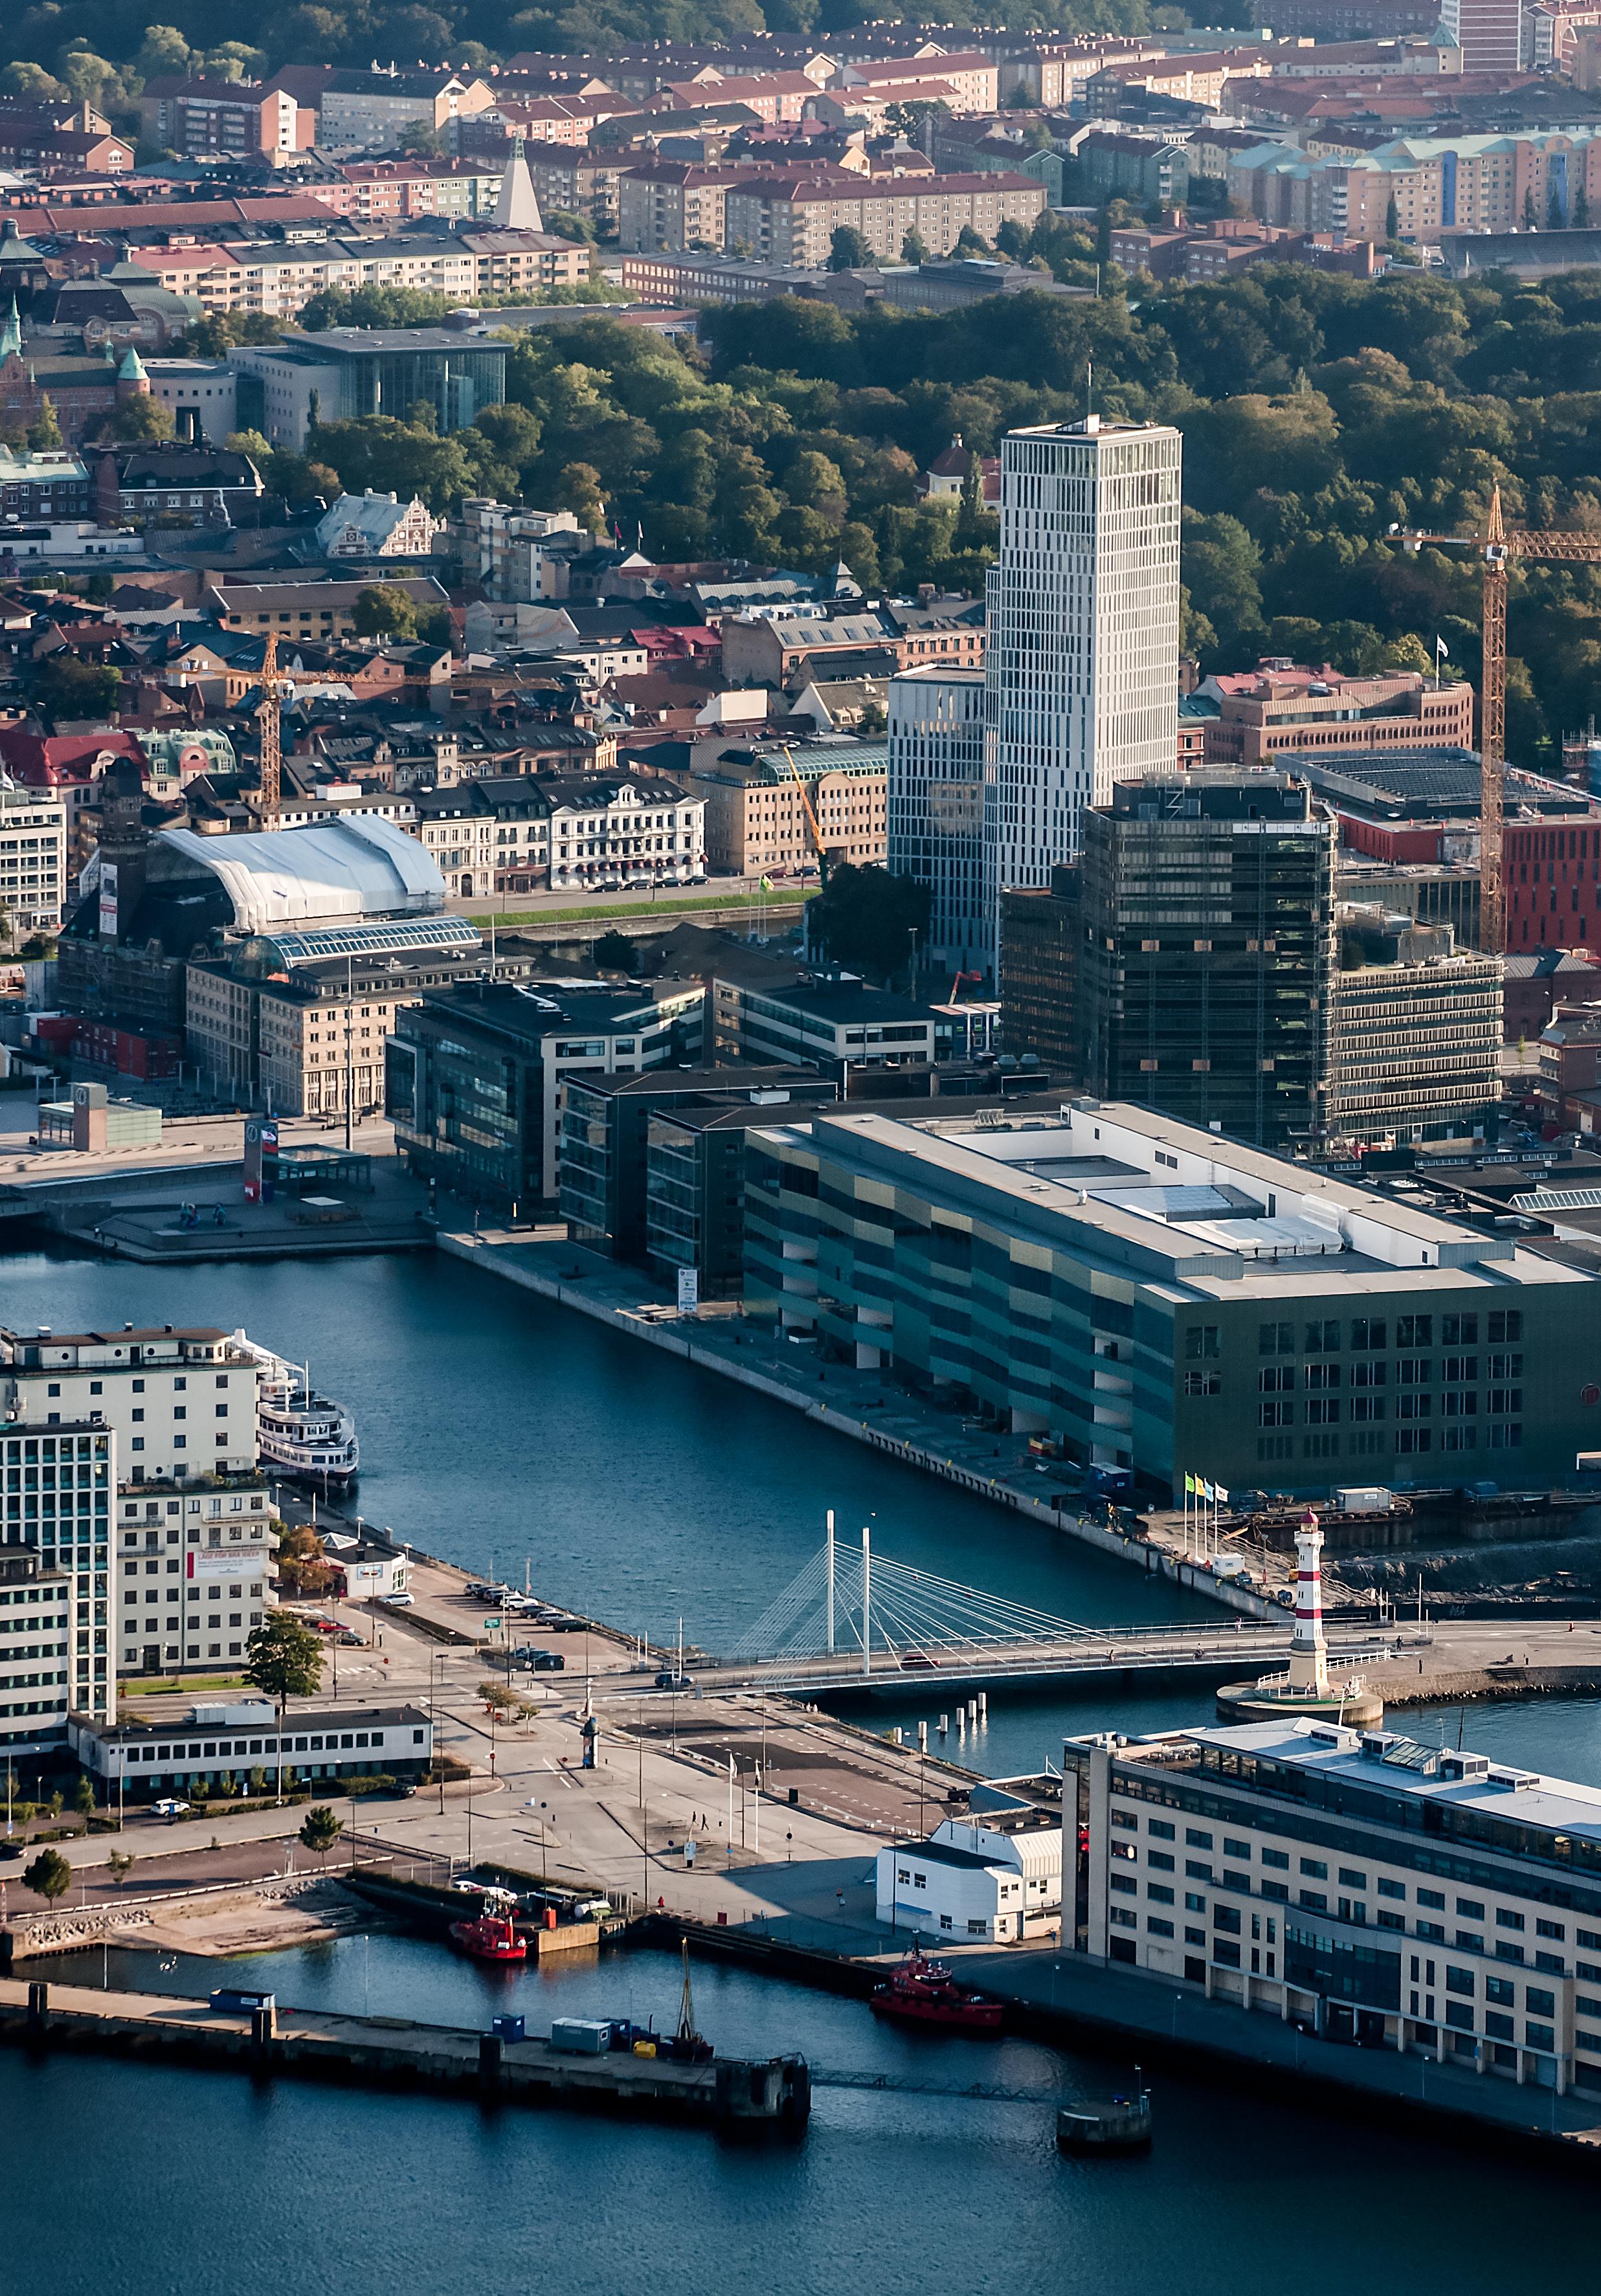 Hamnbassäng i Malmö